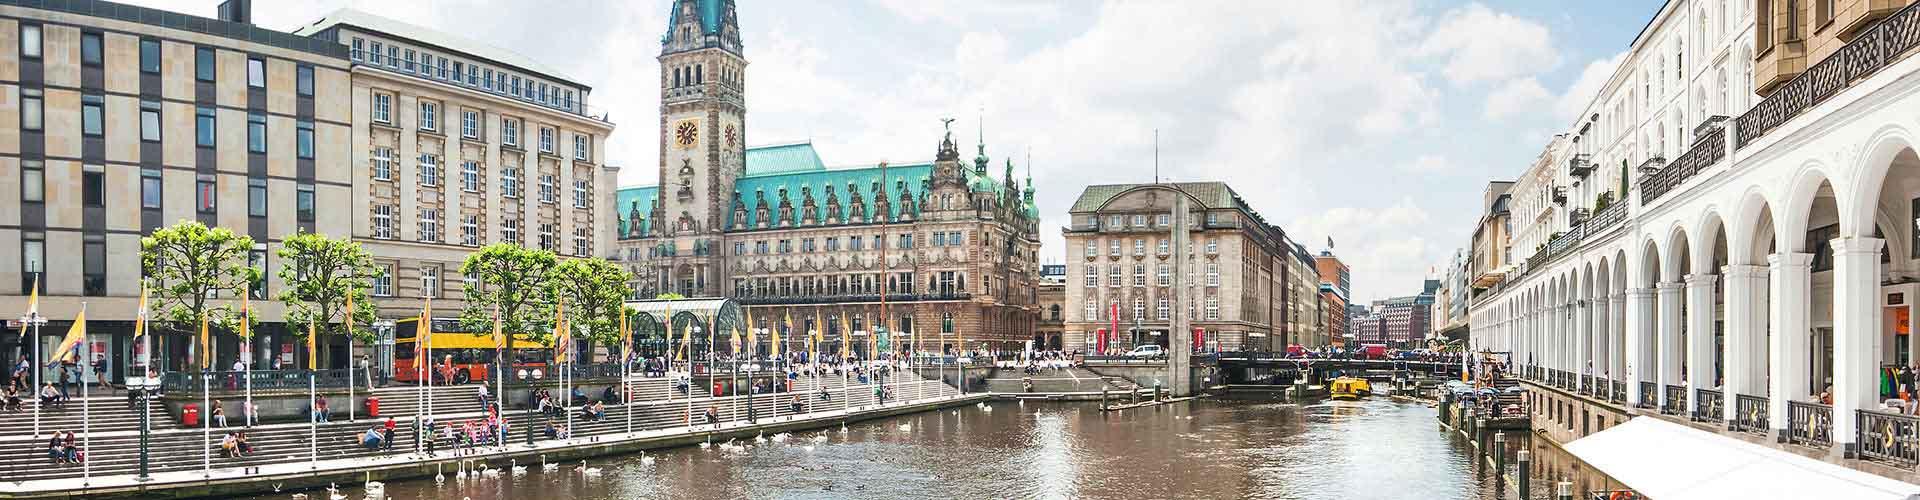 Hamburgo - Albergues Juveniles en Hamburgo. Mapas de Hamburgo, Fotos y Comentarios para cada Albergue Juvenil en Hamburgo.